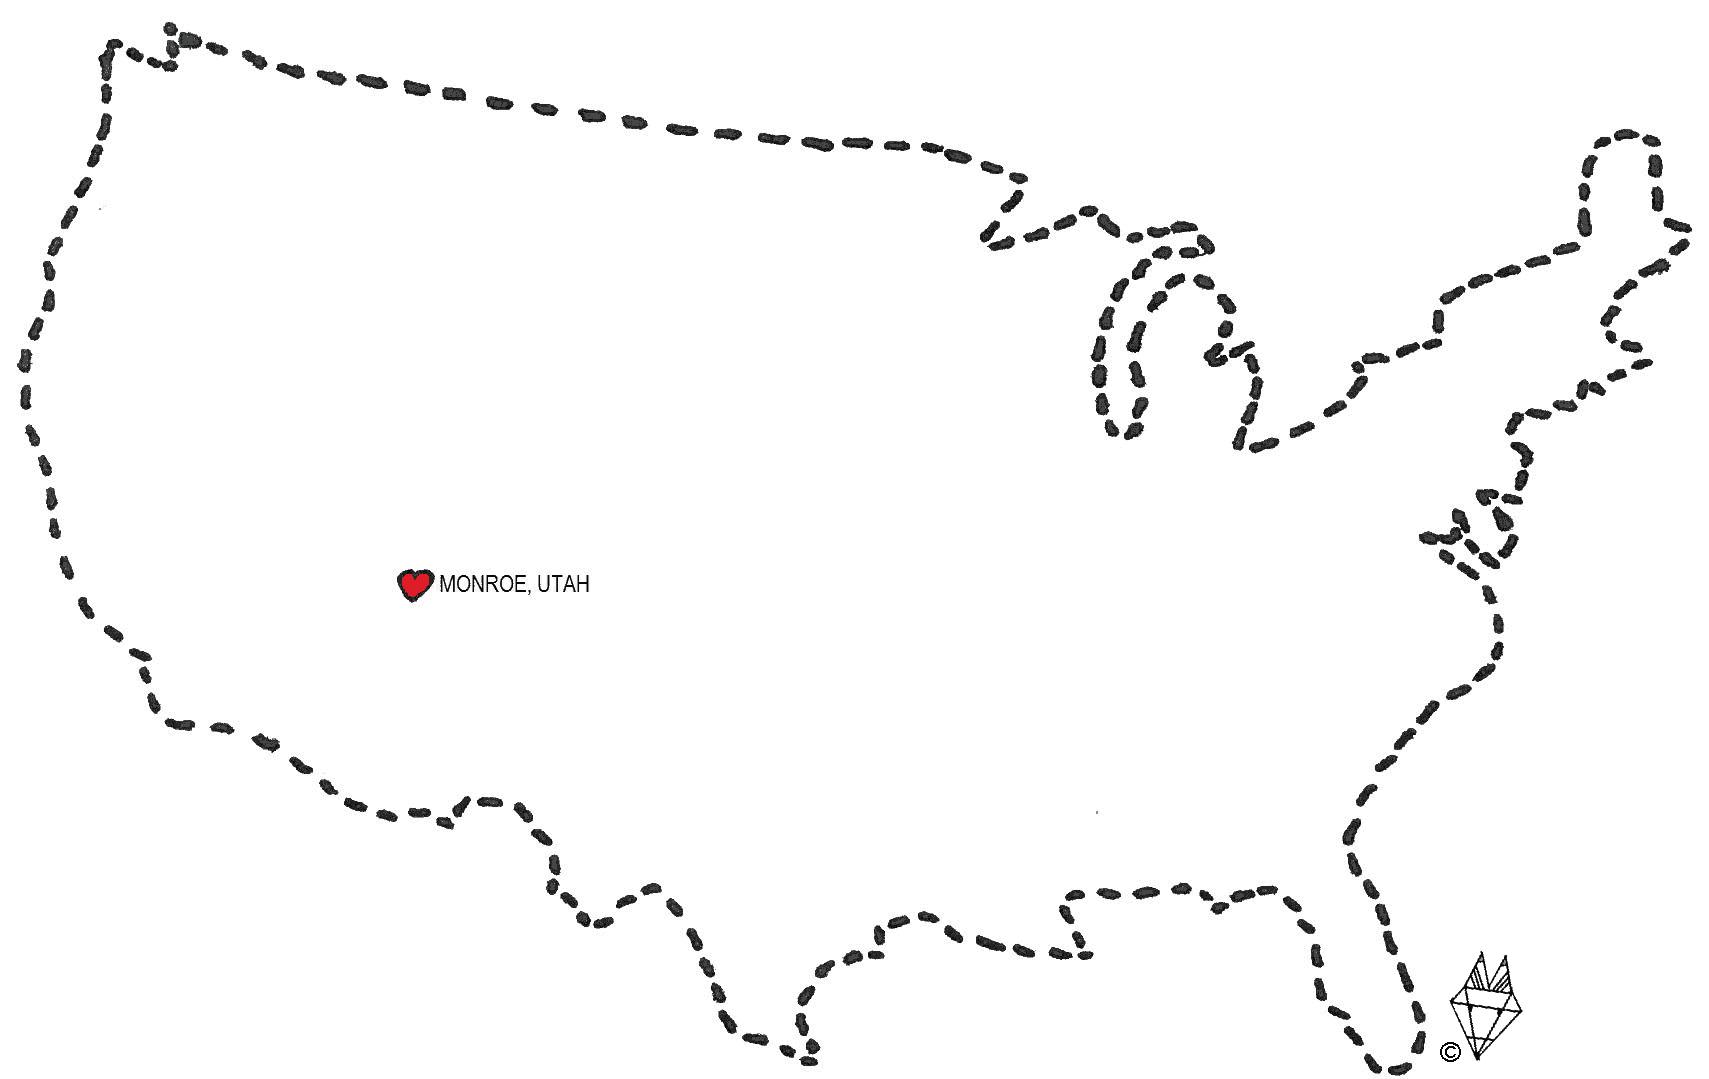 Monroe, Utah